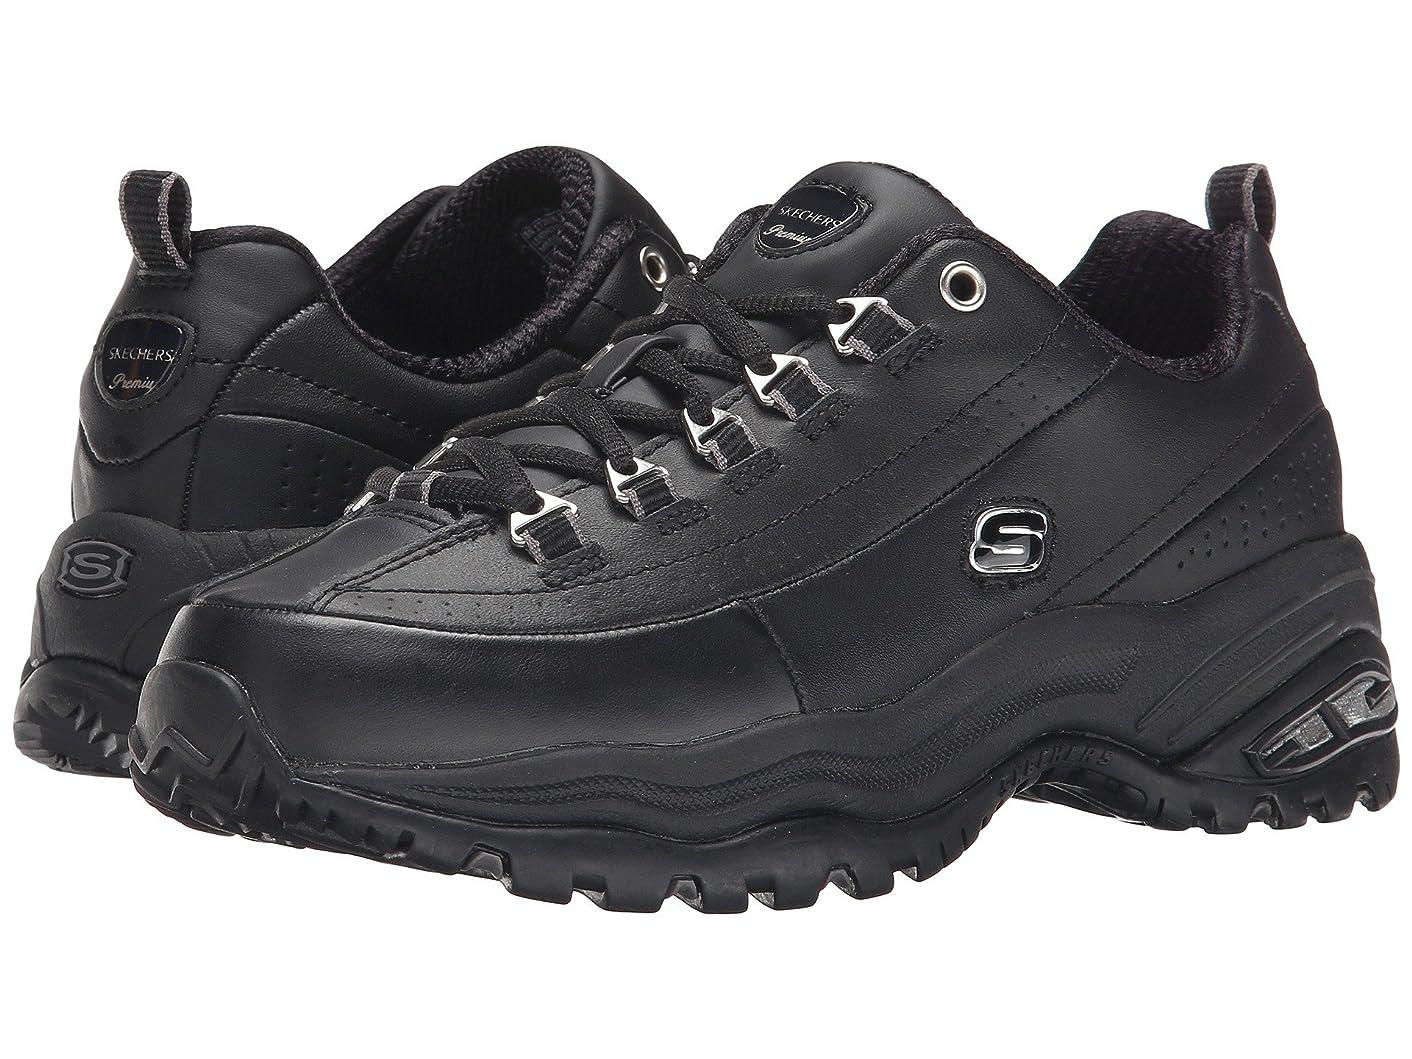 作者原油プロペラレディーススニーカー?ウォーキングシューズ?靴 Premiums Black/Black Leather 6.5 (23.5cm) B [並行輸入品]